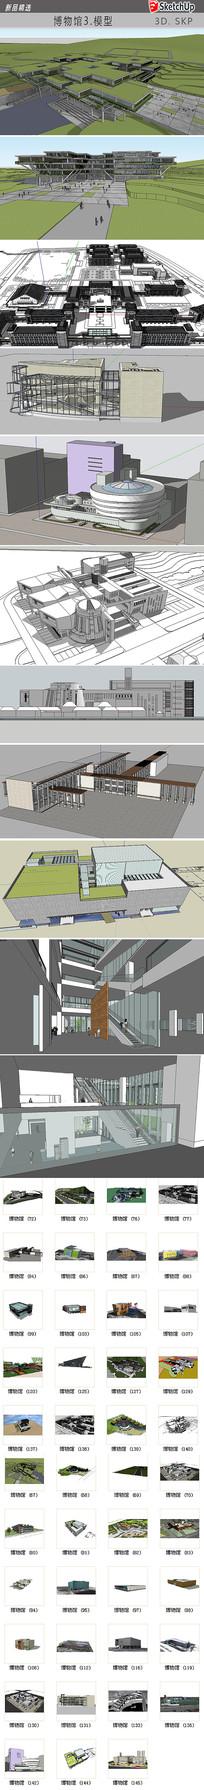 会展中心建筑设计